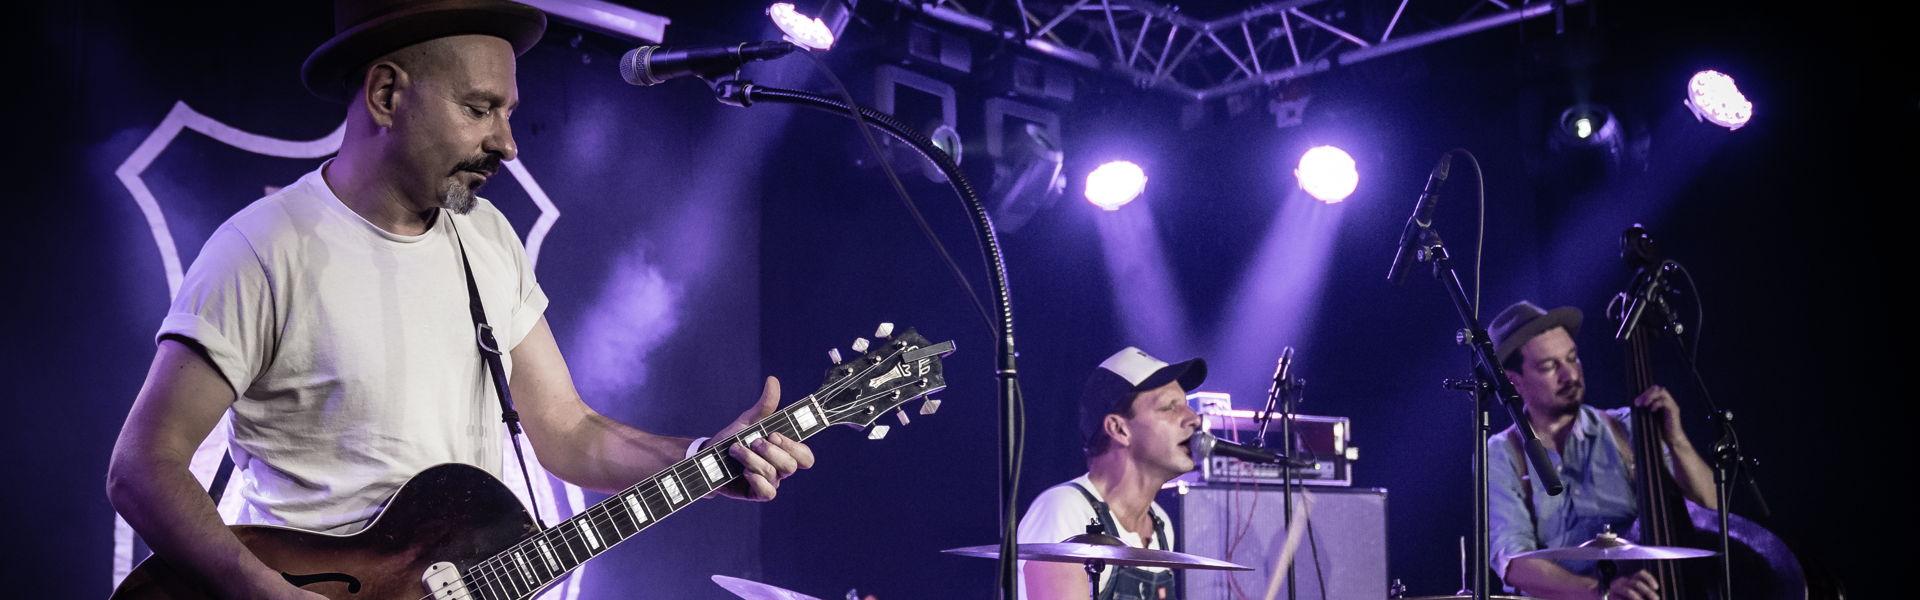 T-99 speelde in oktober 2019 in Het Podium een bluesset.